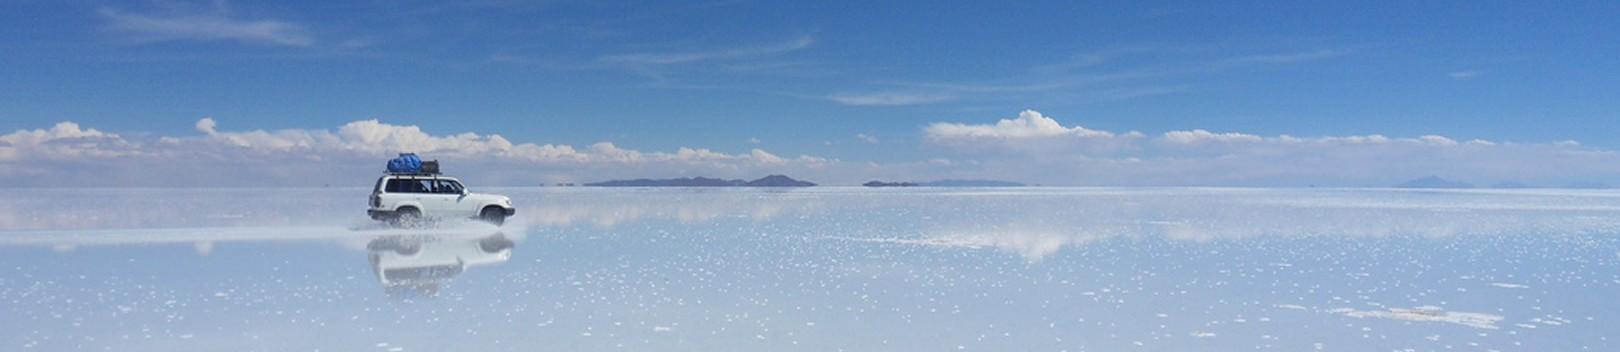 Transports, voyage Pérou Bolivie